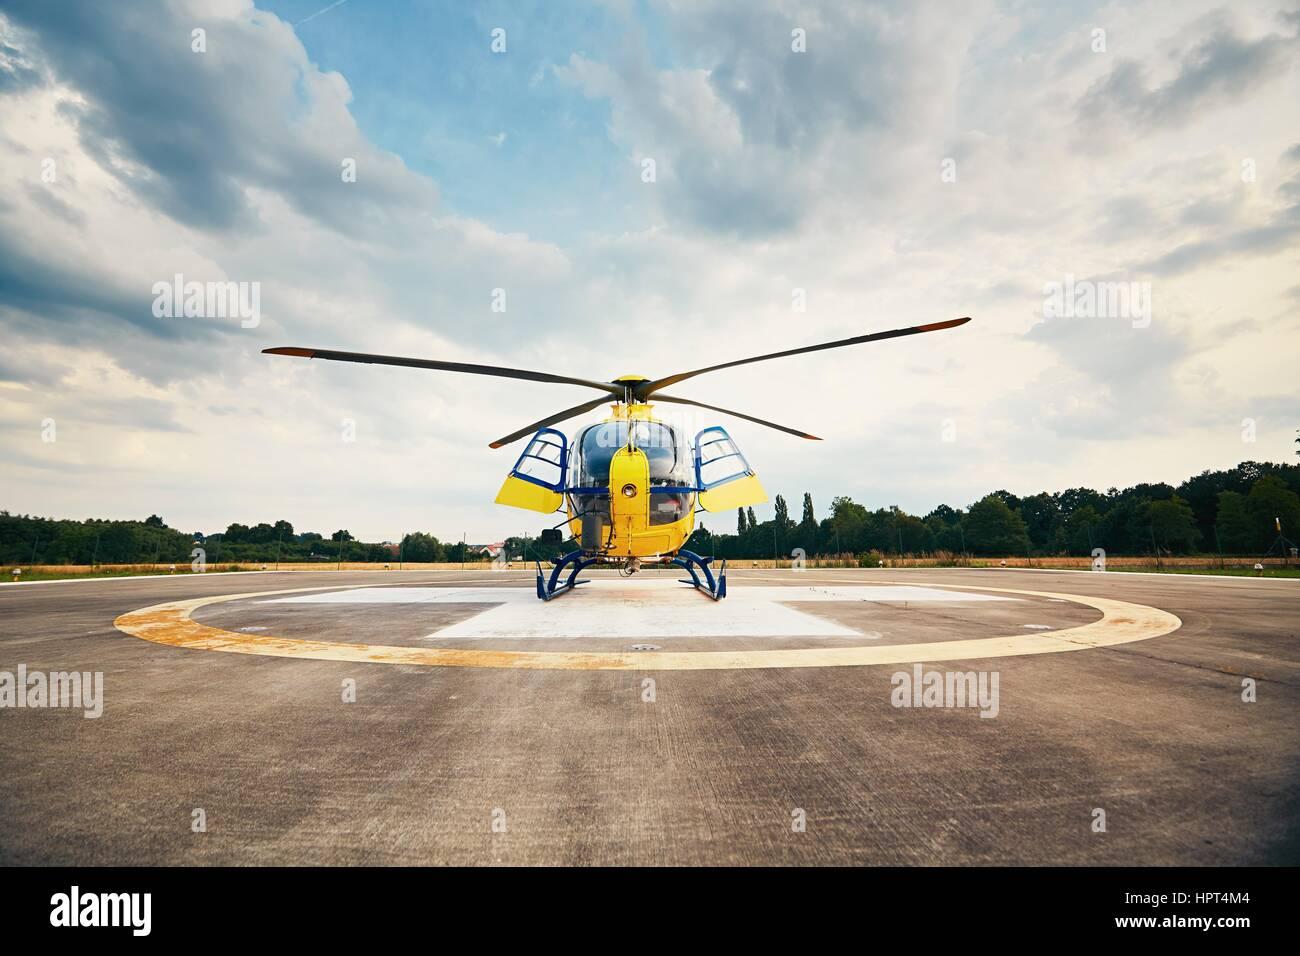 Air rescue service. Elicottero Air Ambulance è pronta al decollo all'eliporto. Immagini Stock